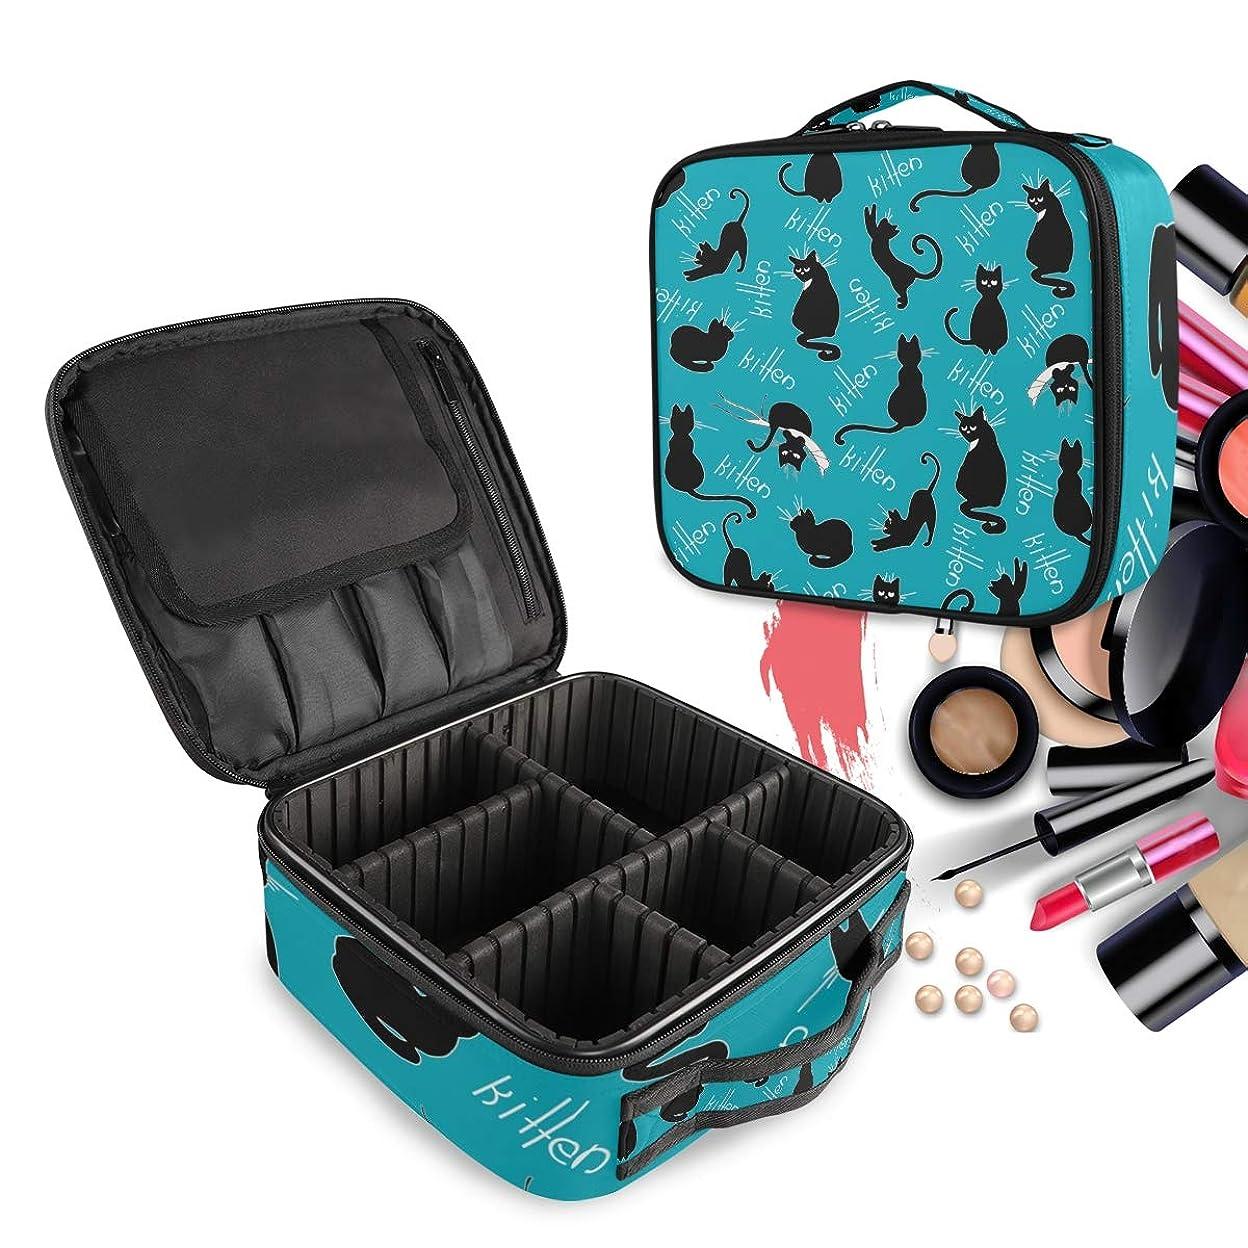 中傷ルーフメキシコ黒ハロウィン猫クリエイティブメイクアップバッグ化粧品バッグトイレタリーケースオーガナイザー調節可能なディバイダー付き無料コンパートメント女性女の子